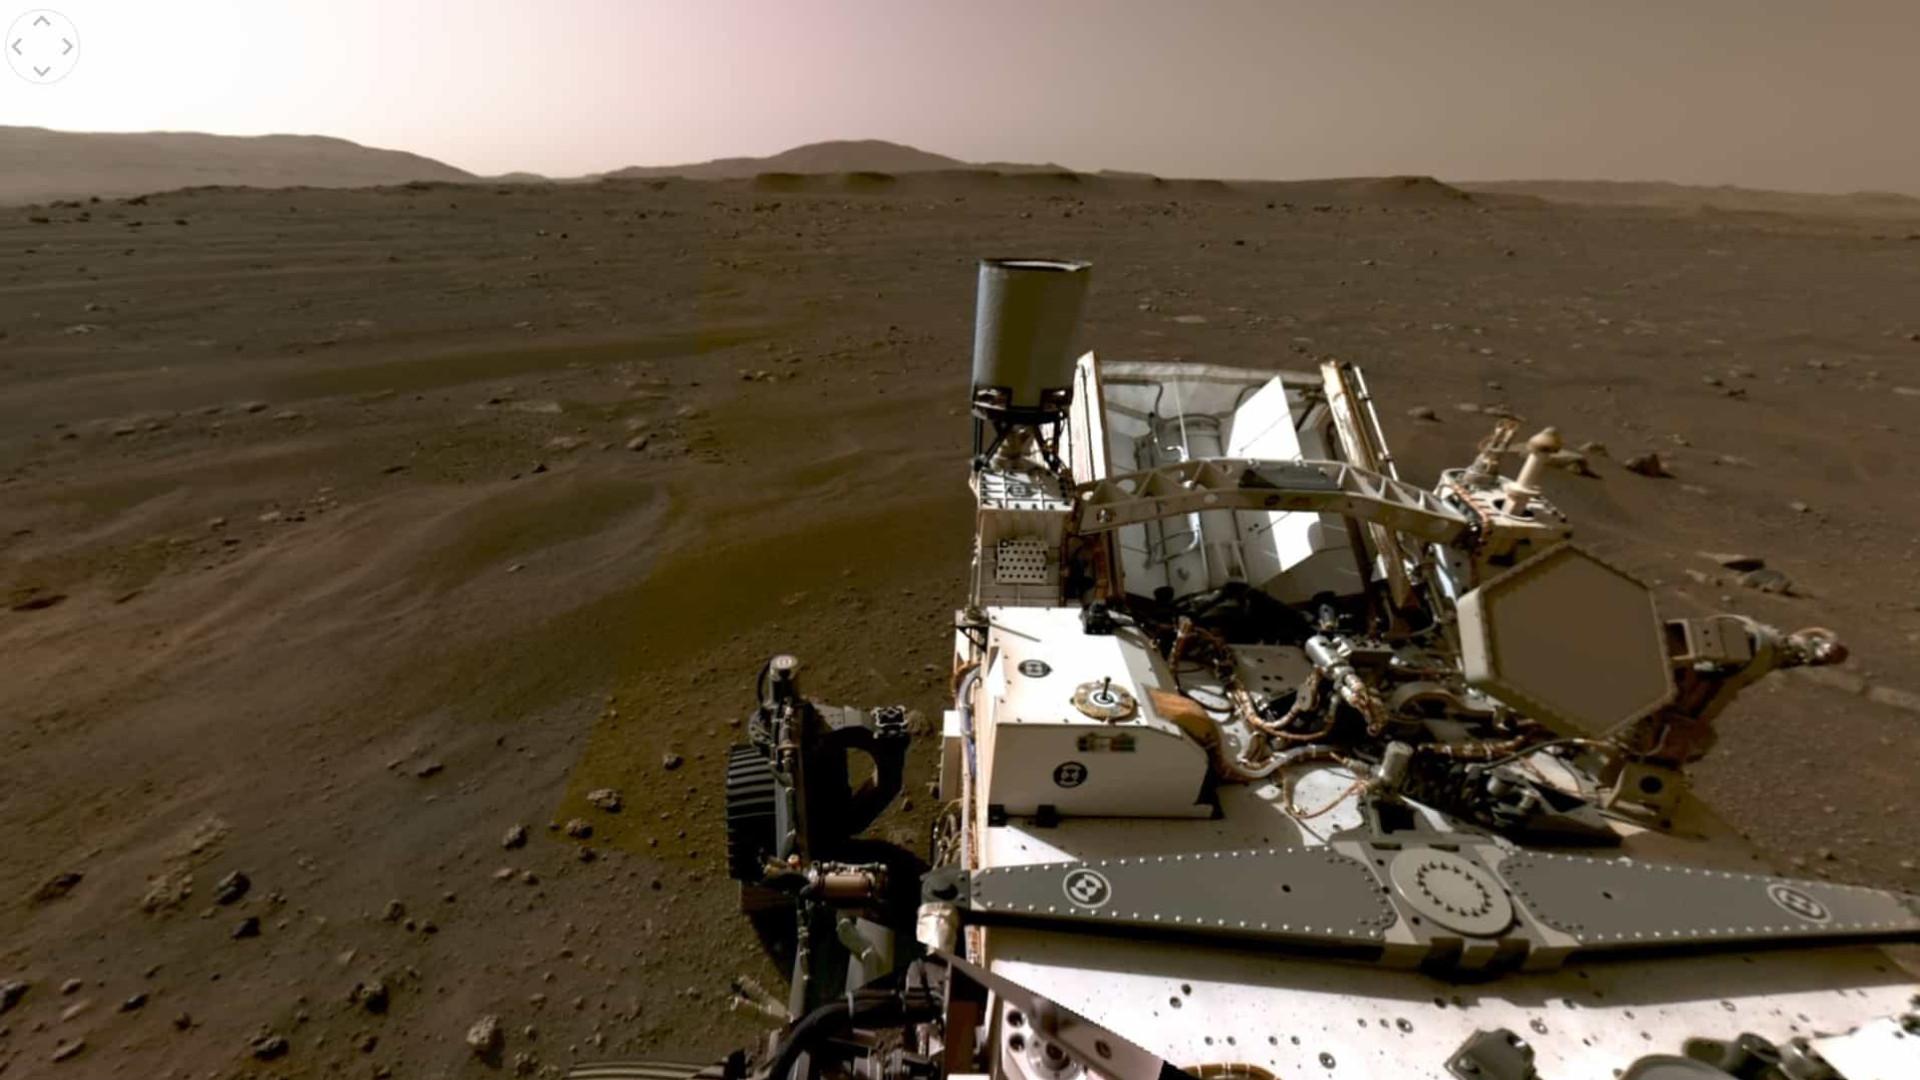 Google celebra seis meses de Perseverance em Marte com (divertido) vídeo